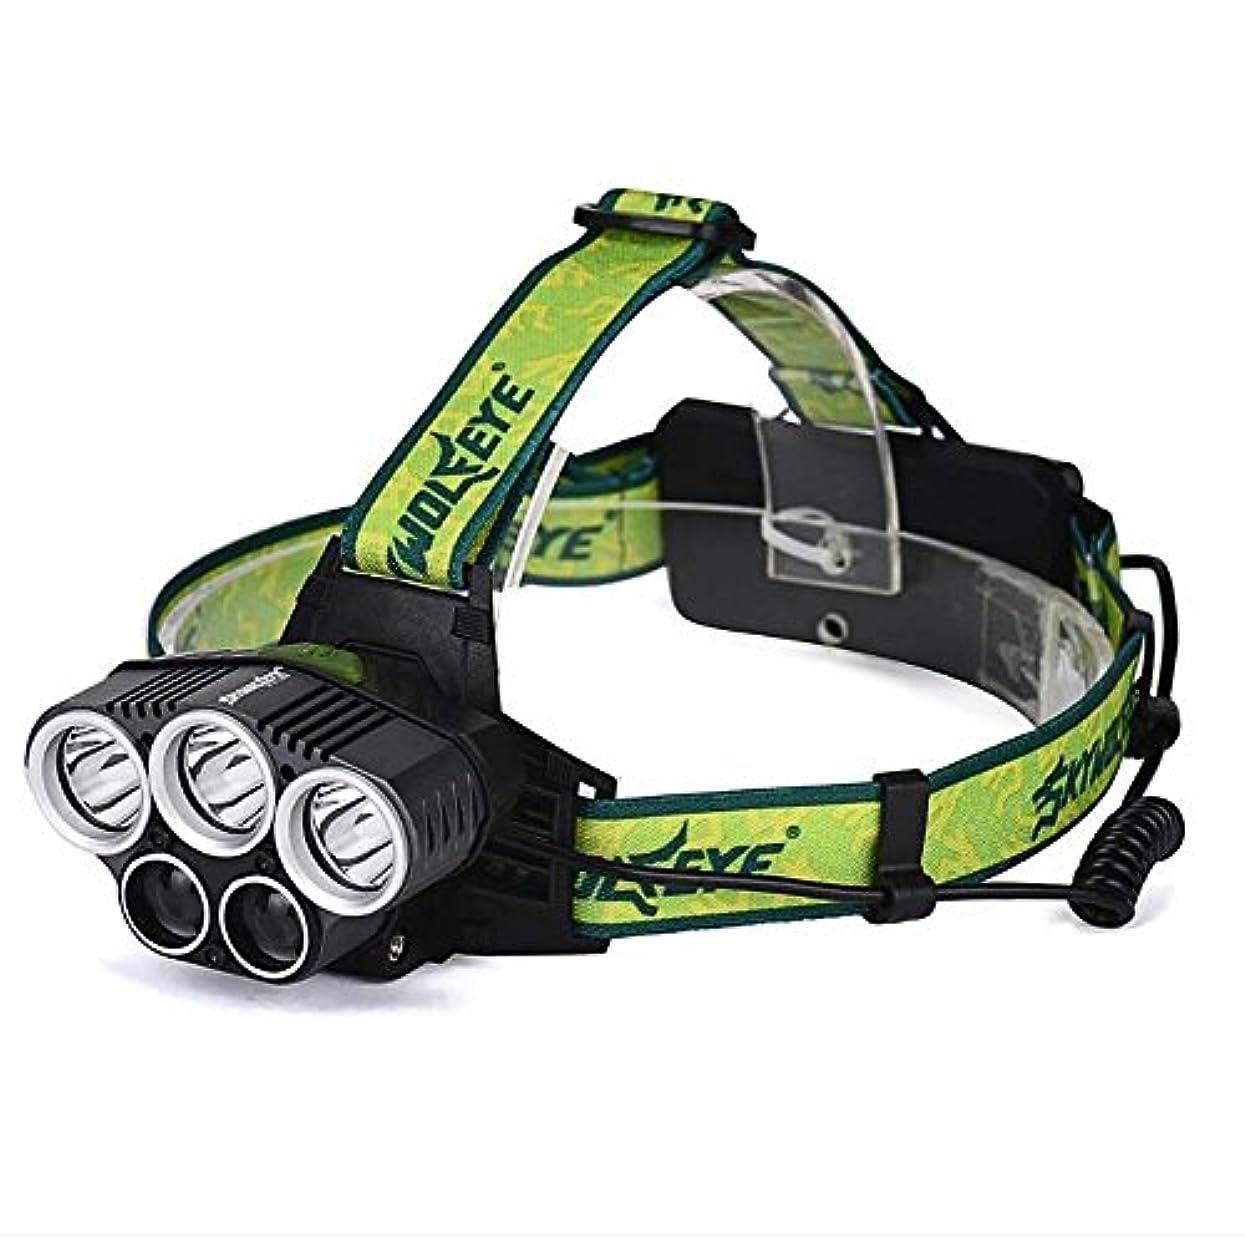 膜抑制雰囲気Nanle スーパーブライトUSBヘッドライト、LEDヘッドライトトーチ充電式、5モード防水ヘッドランプ釣りキャンプウォーキングジョギング用自転車ハイキング